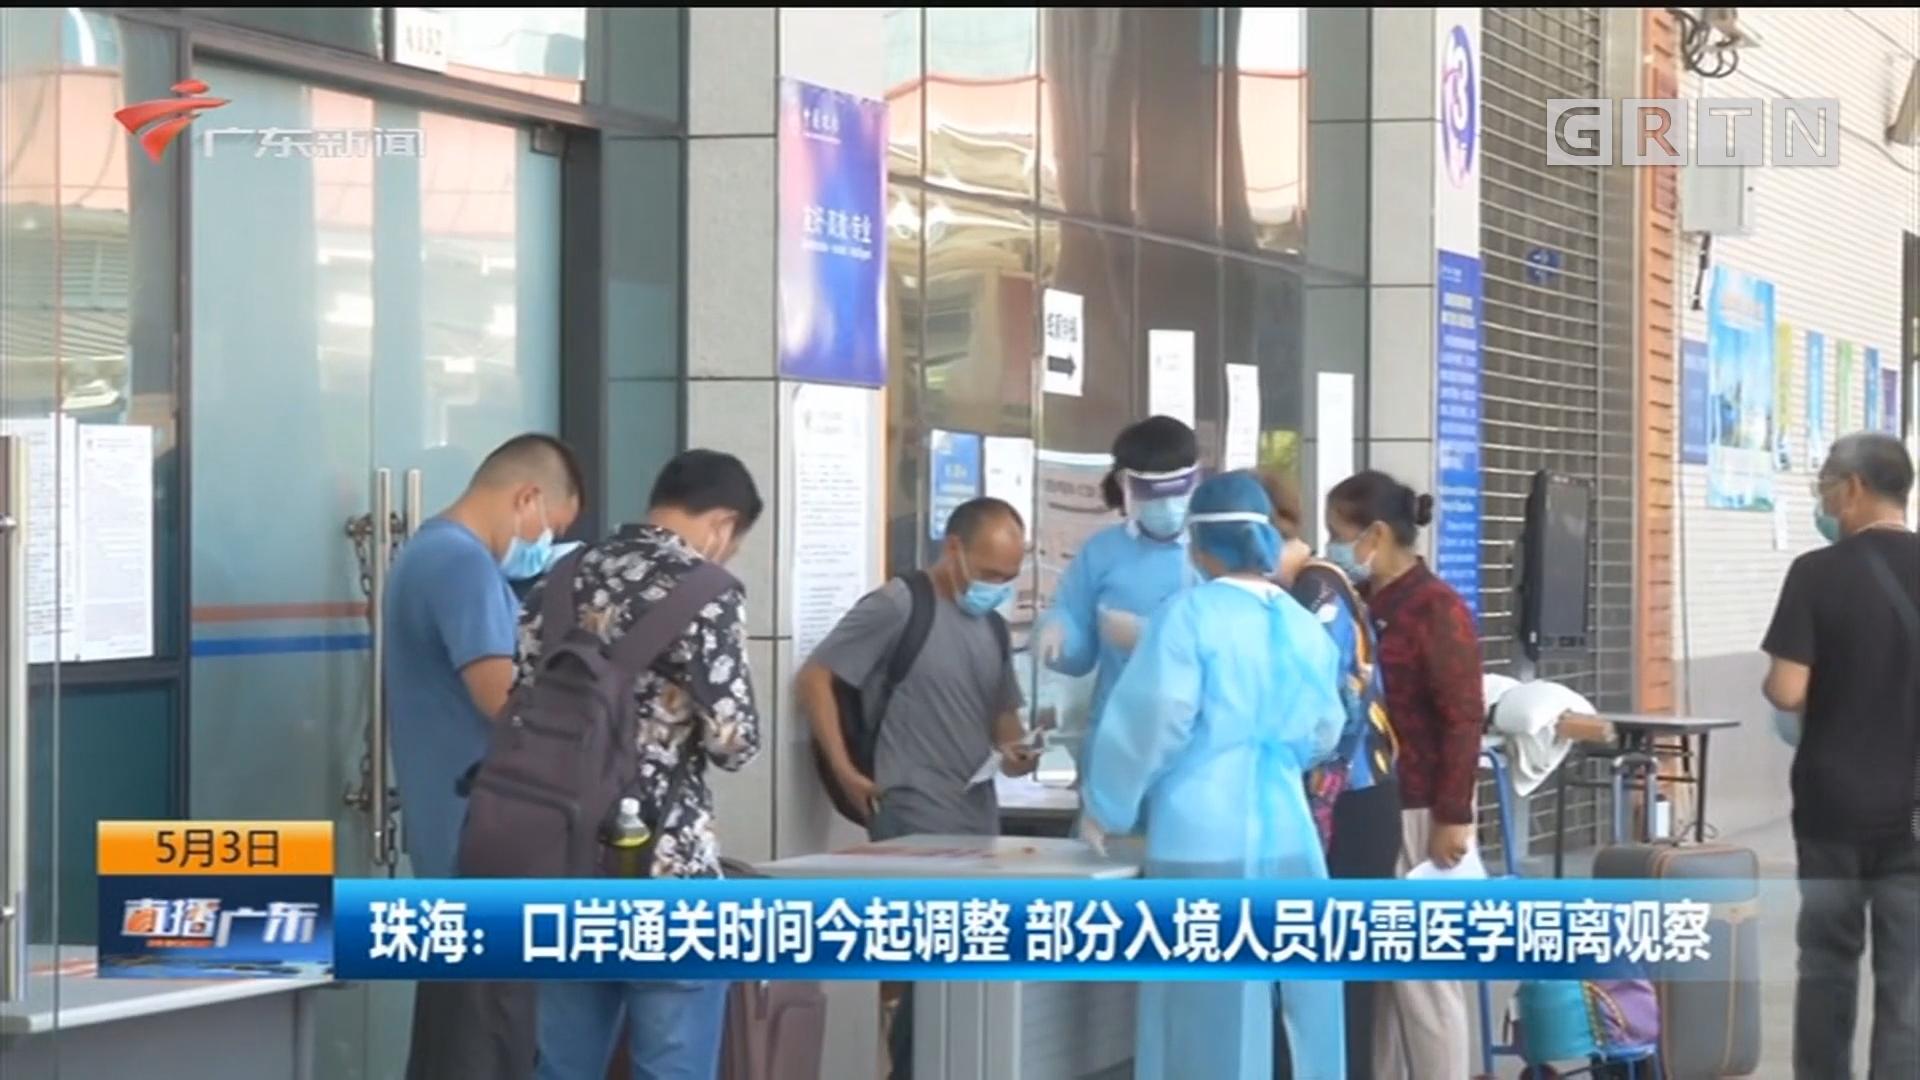 珠海:口岸通關時間今起調整 部分入境人員仍需醫學隔離觀察